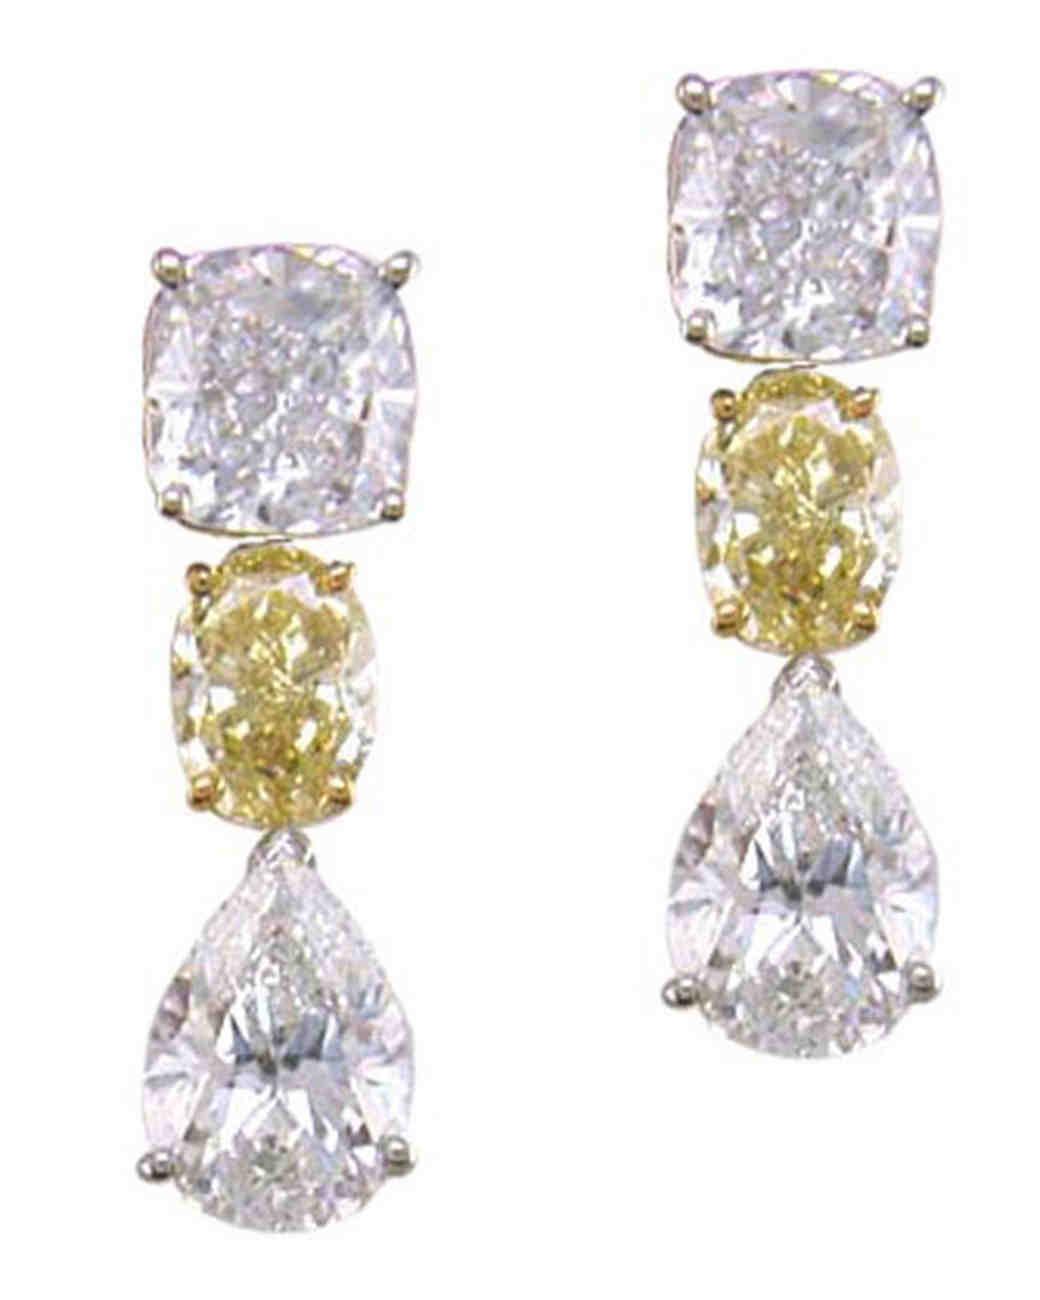 heyman_ohb_705764_gold_plat_fcy_dia_earrings.jpg